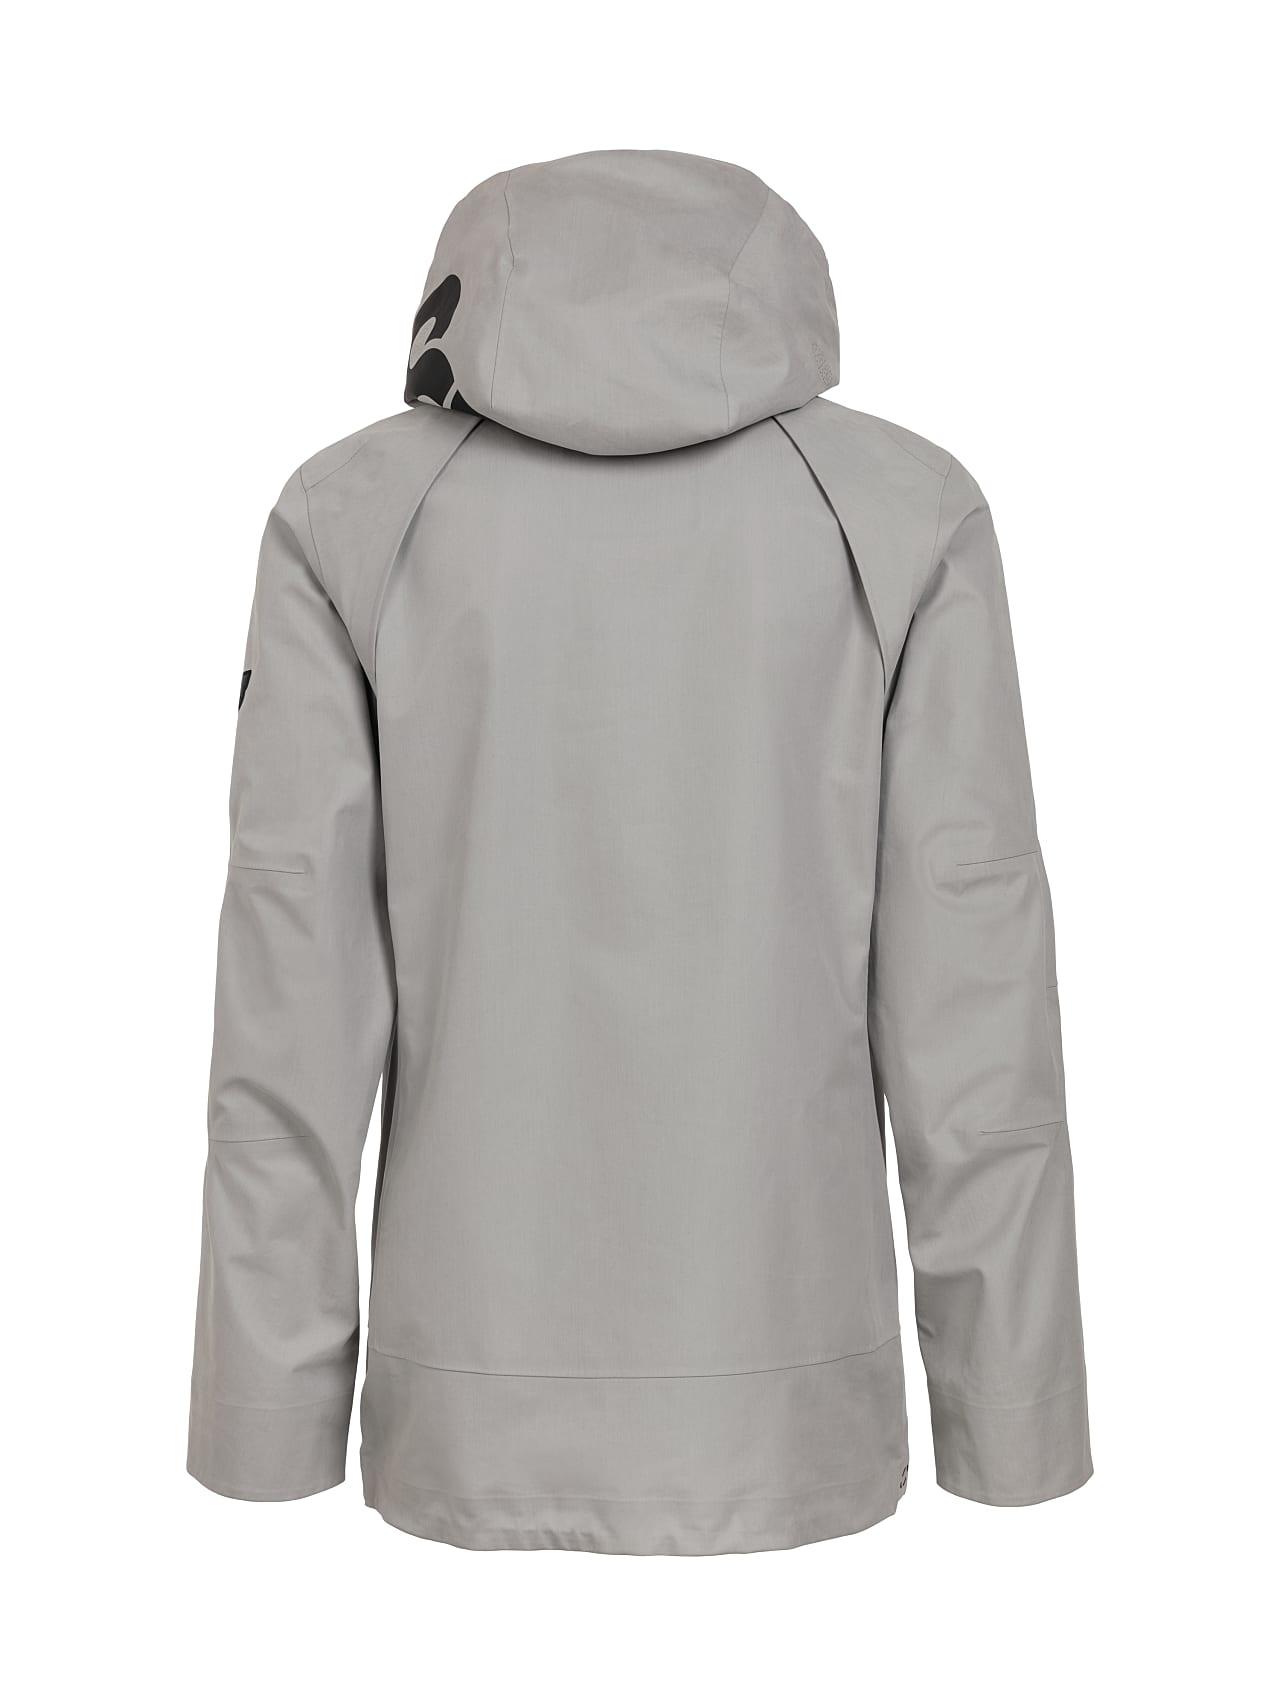 OSOOV V2.Y4.01 Technical 3-Layer Jacket with Taurex® light grey Left Alpha Tauri